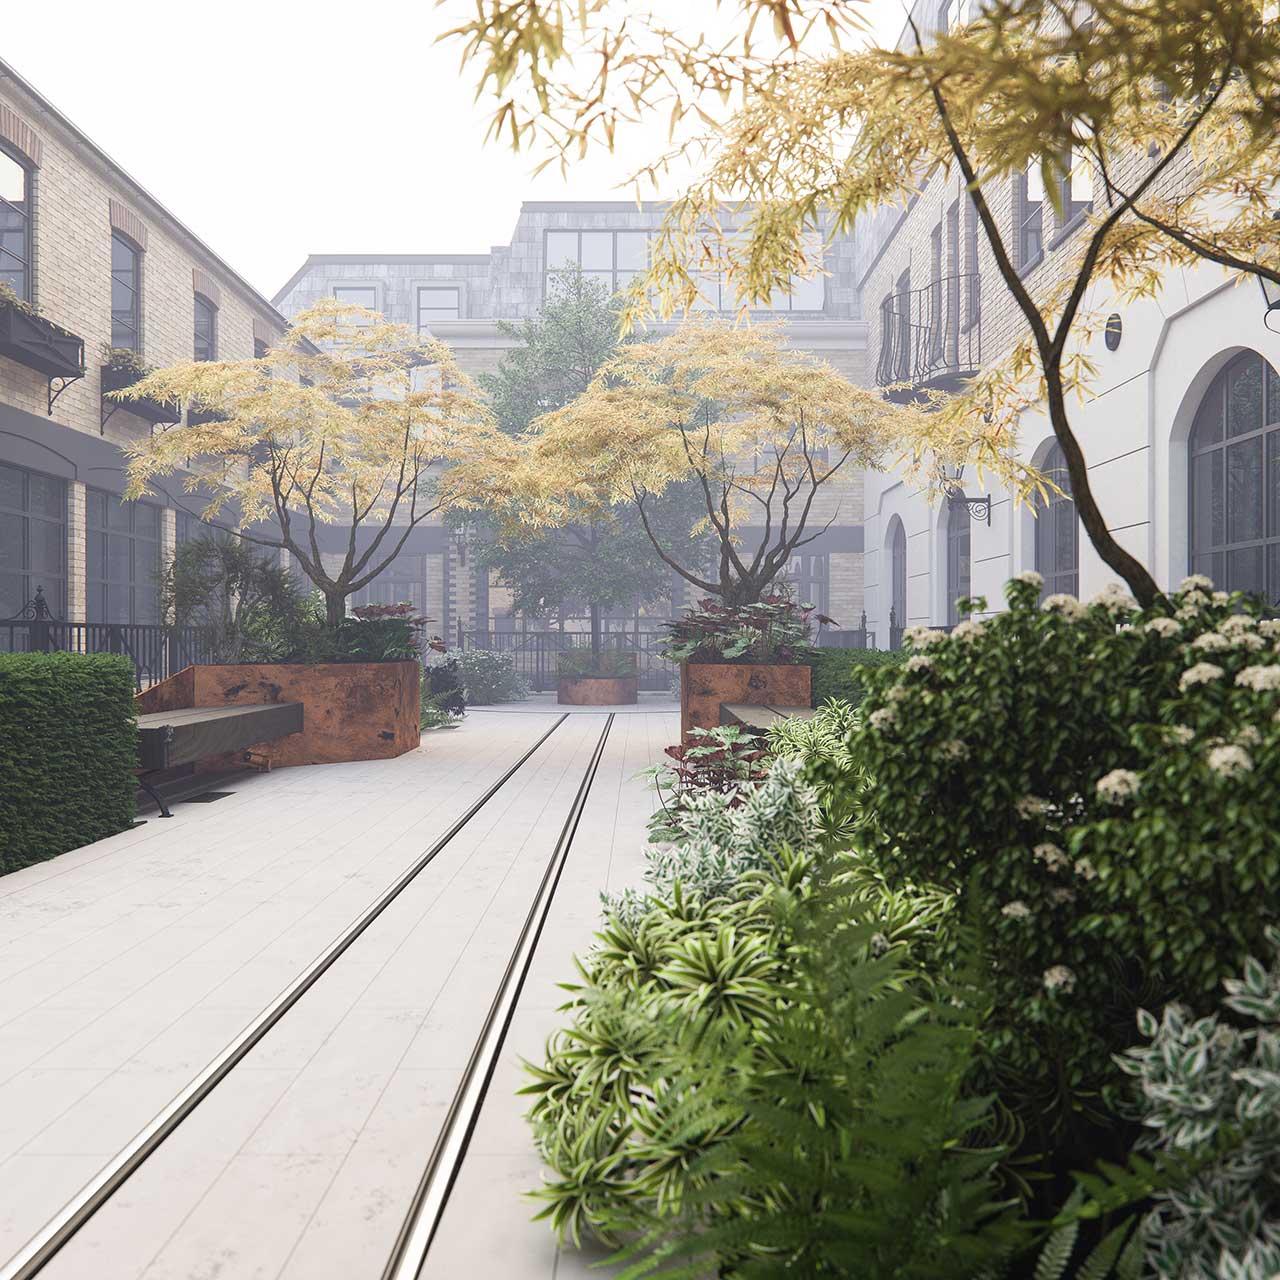 metalworks-courtyard-02.jpg